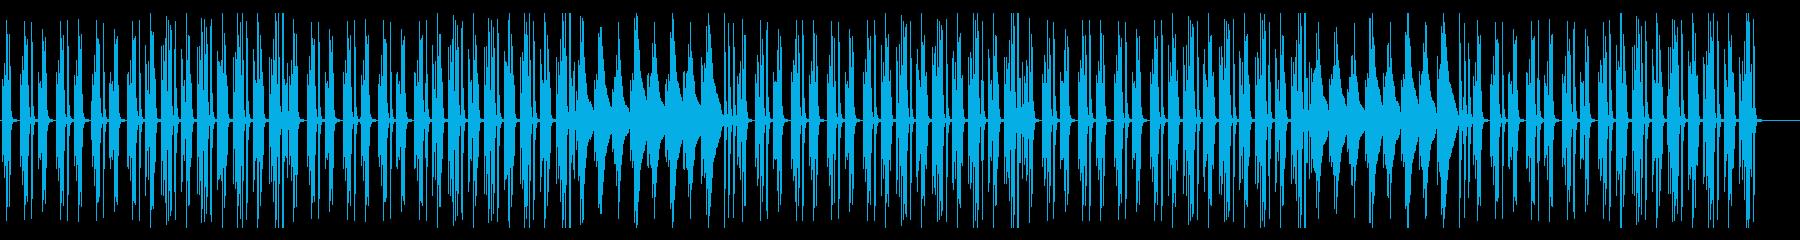 ほのぼのアニメ系の日常BGMの再生済みの波形